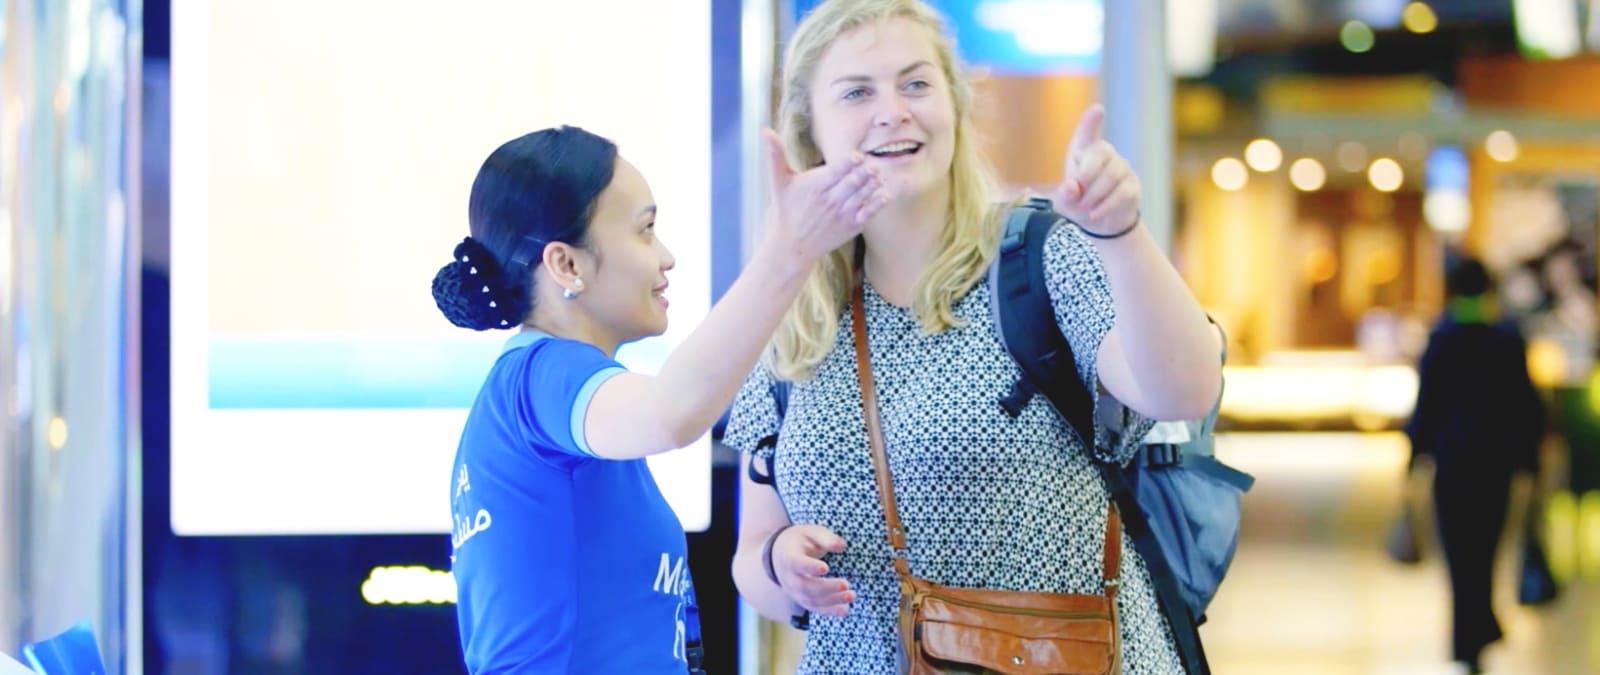 CX service for Dubai airports